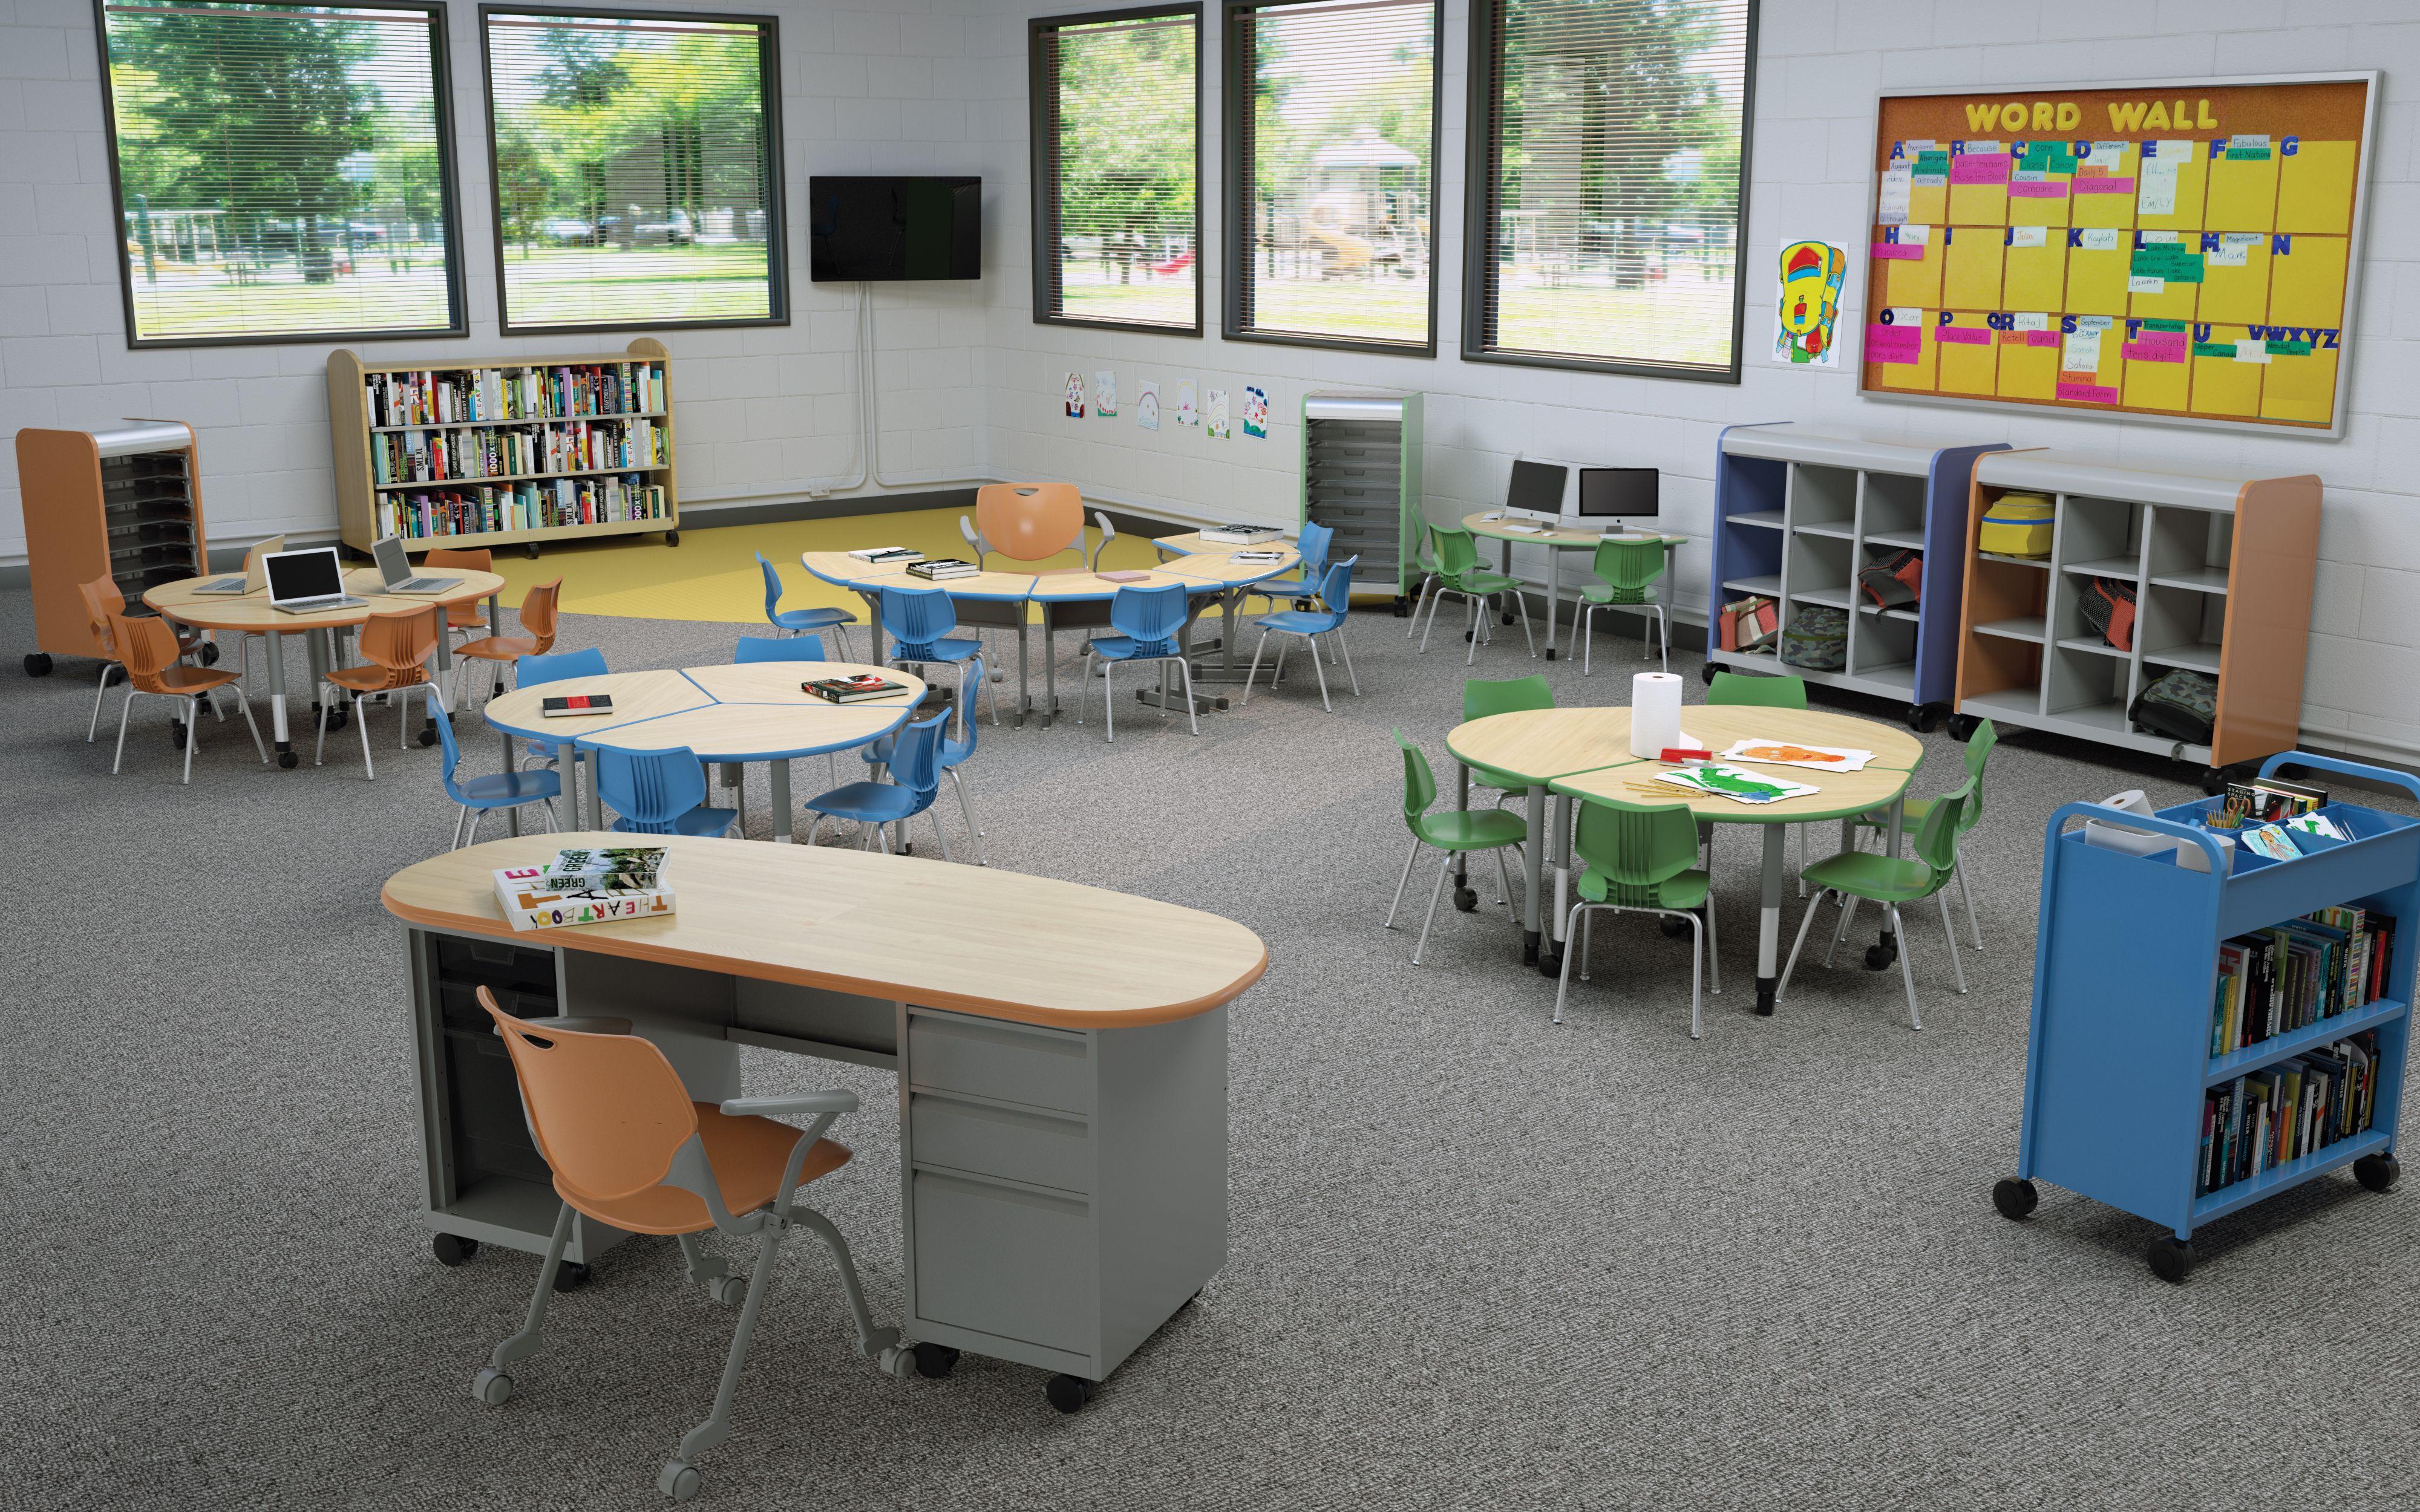 K 3 Environment Cascade Cubby 3 2 1 Collaborative Desks Flavors